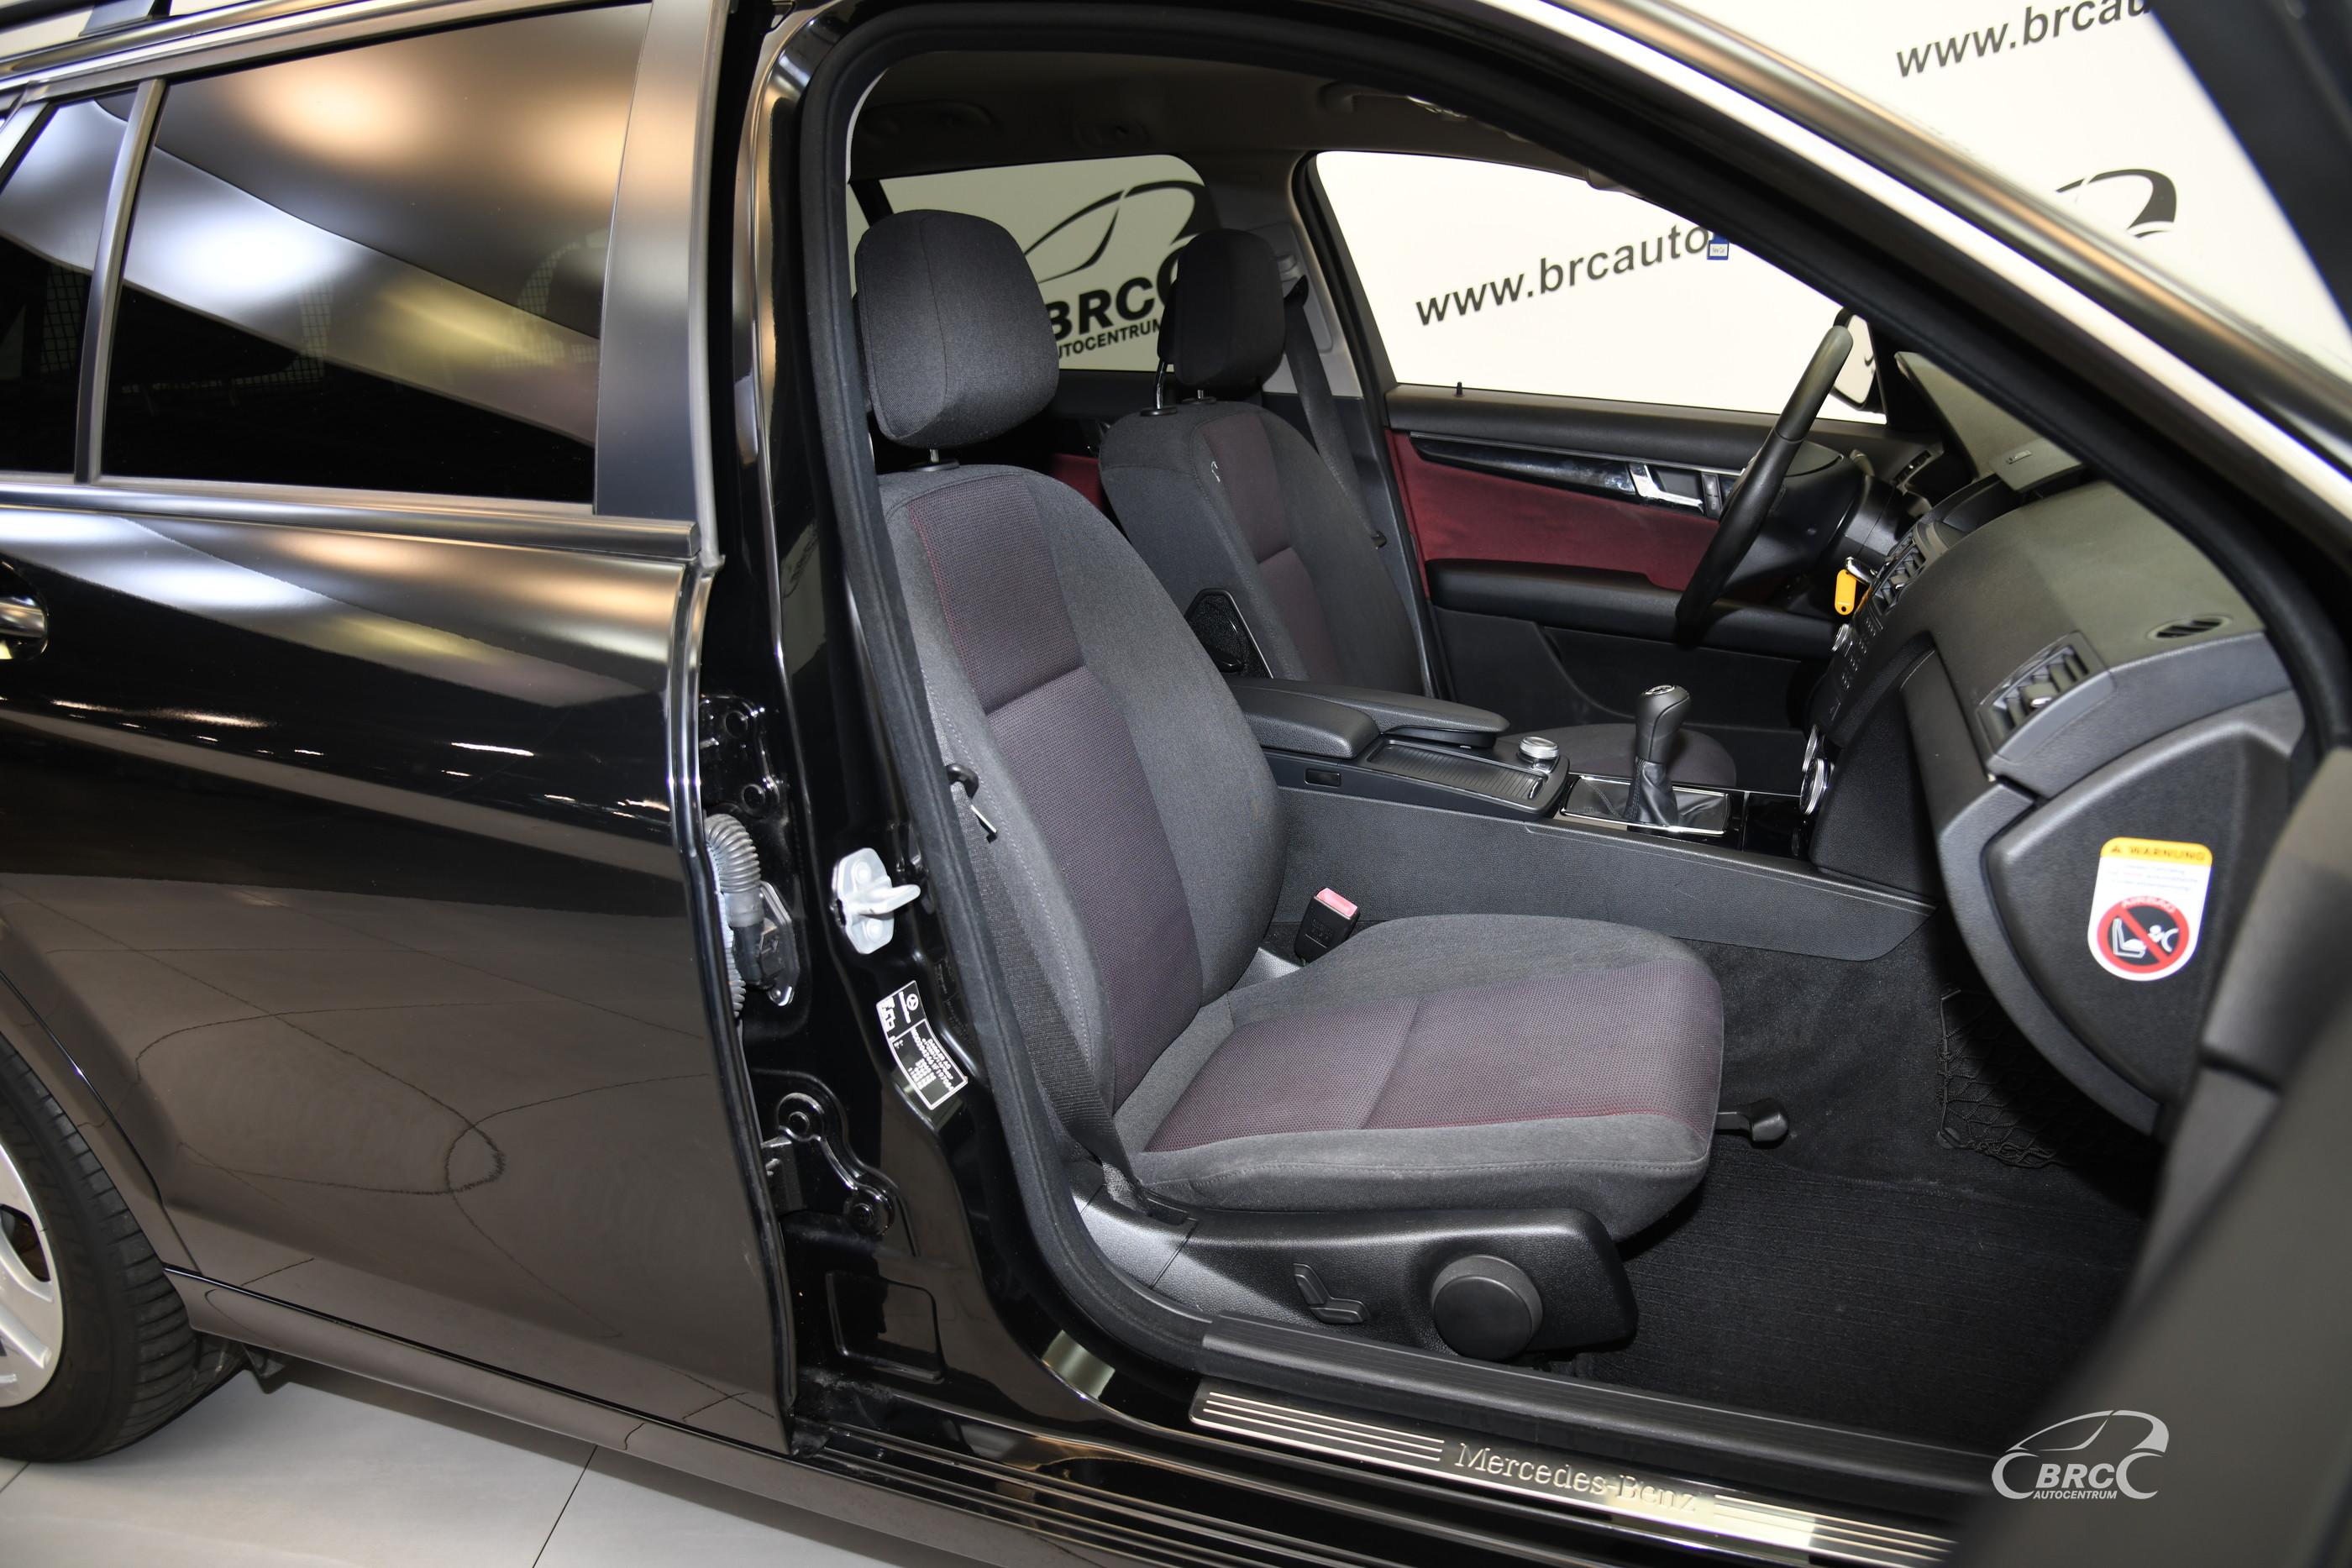 Mercedes-Benz C 180 T Kompressor Classic Wagon